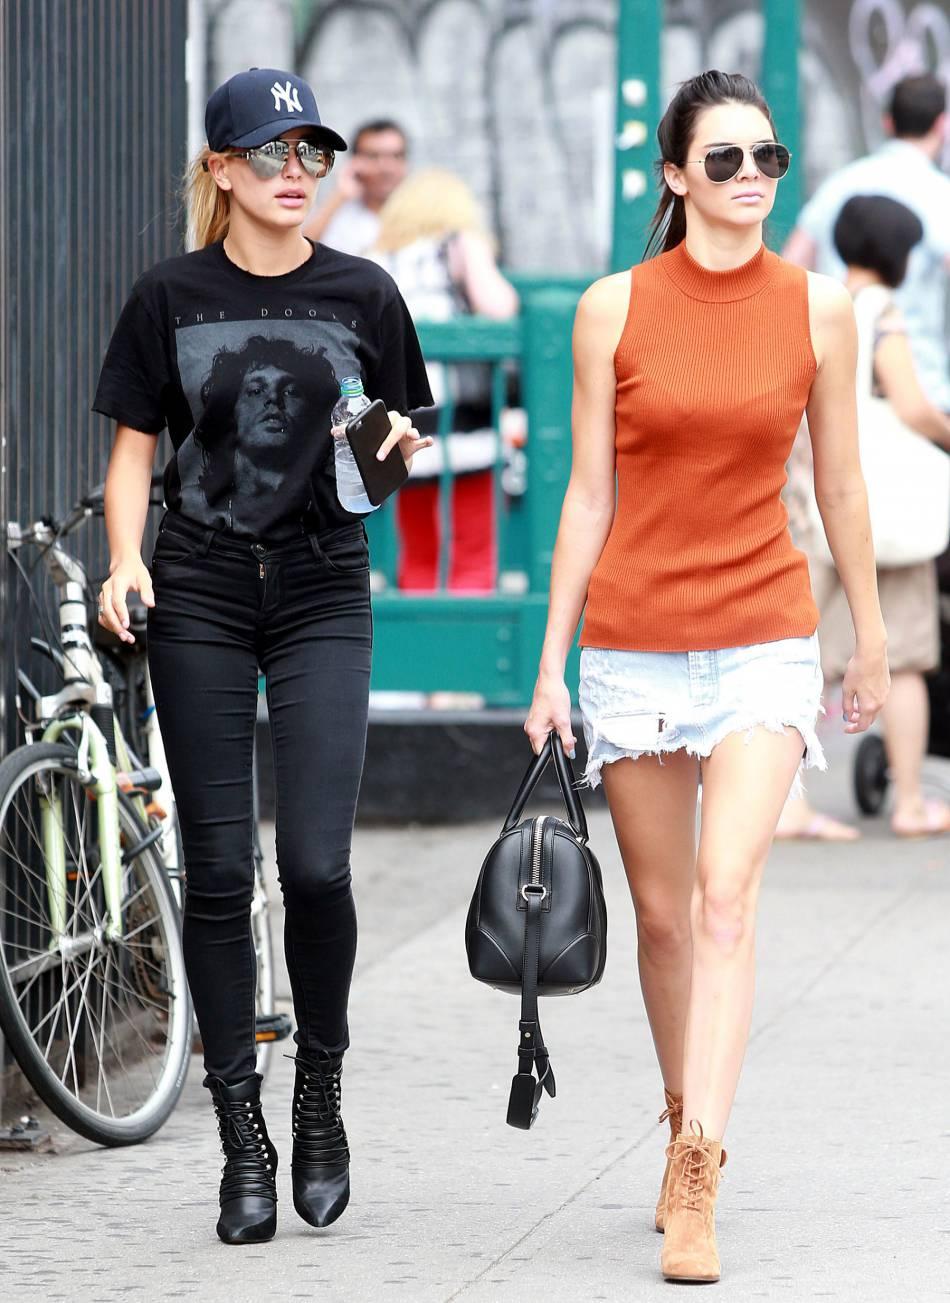 Kendall Jenner et Hailey Baldwin : mannequins mondialement connus, les stars des podiums se sont rencontrées dans un défilé haute couture et depuis elles ne se quittent plus.